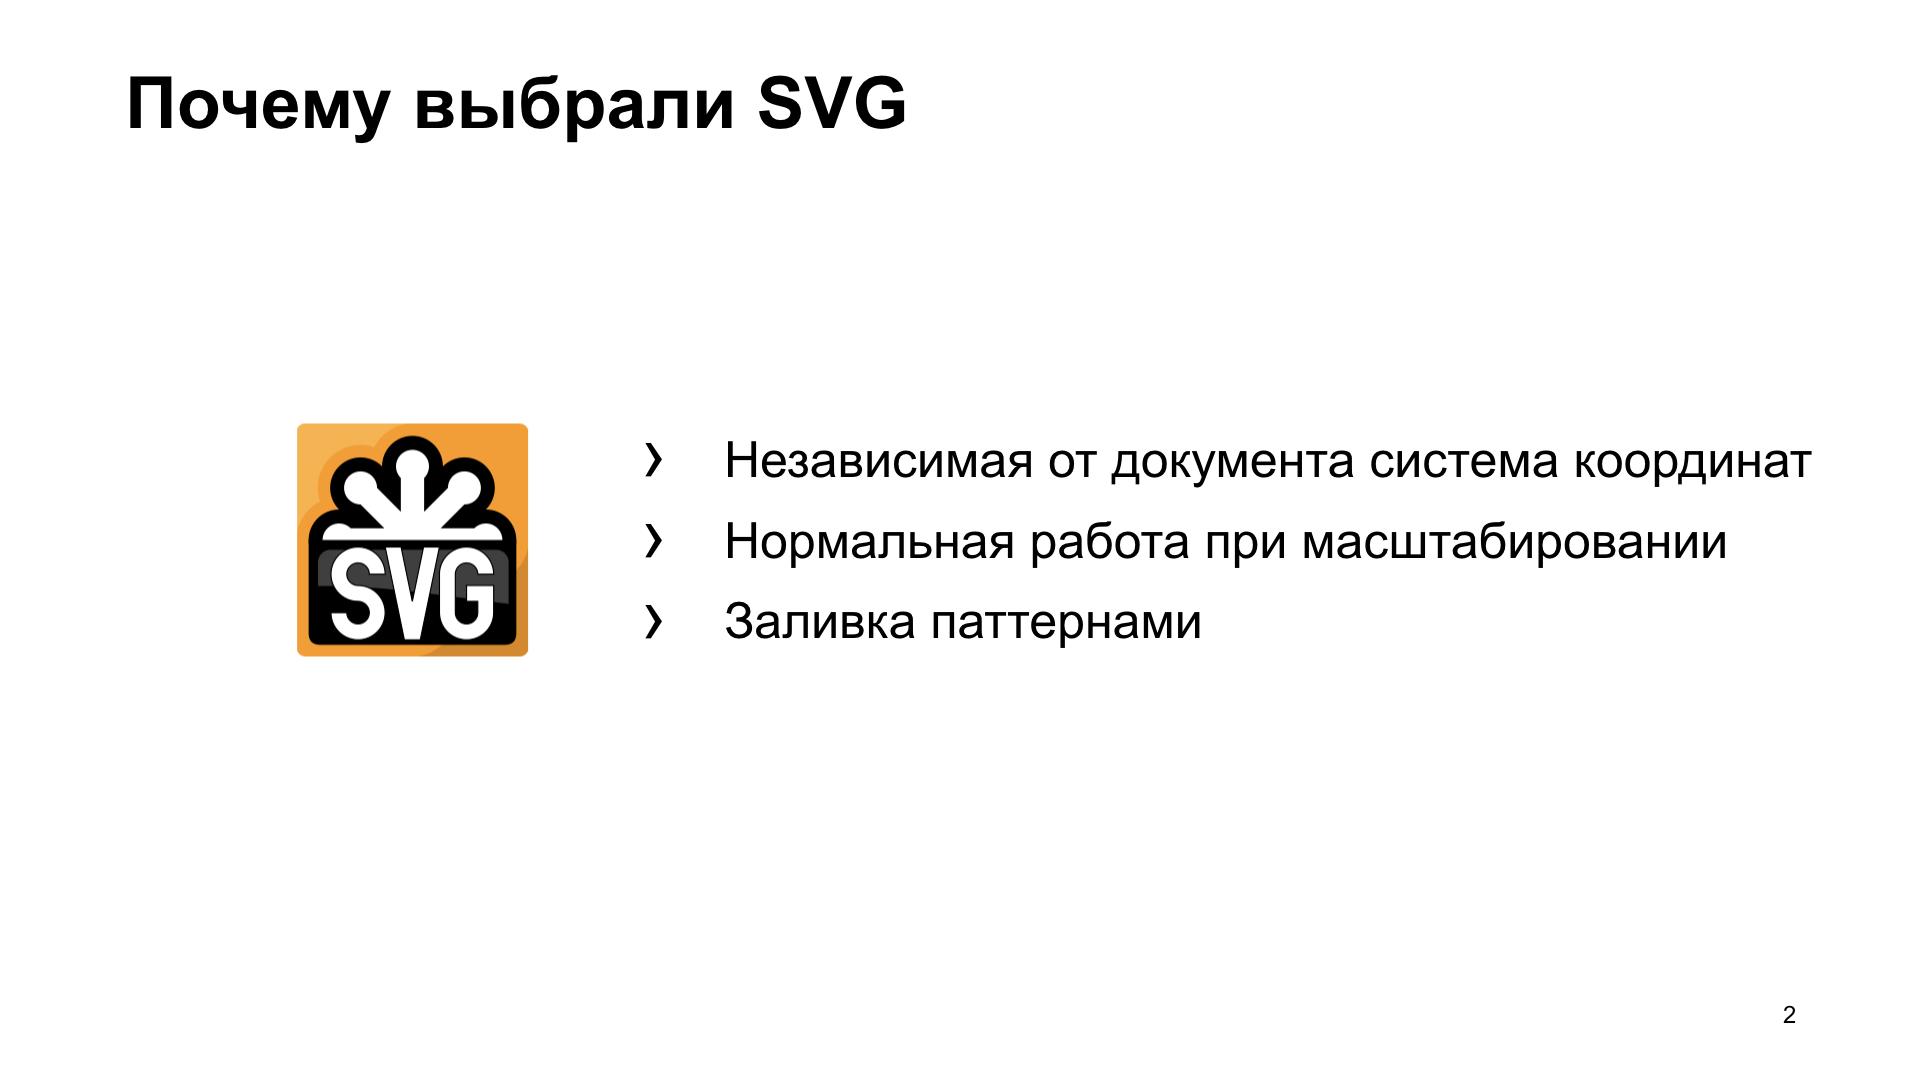 SVG в реальной жизни. Доклад Яндекса - 3